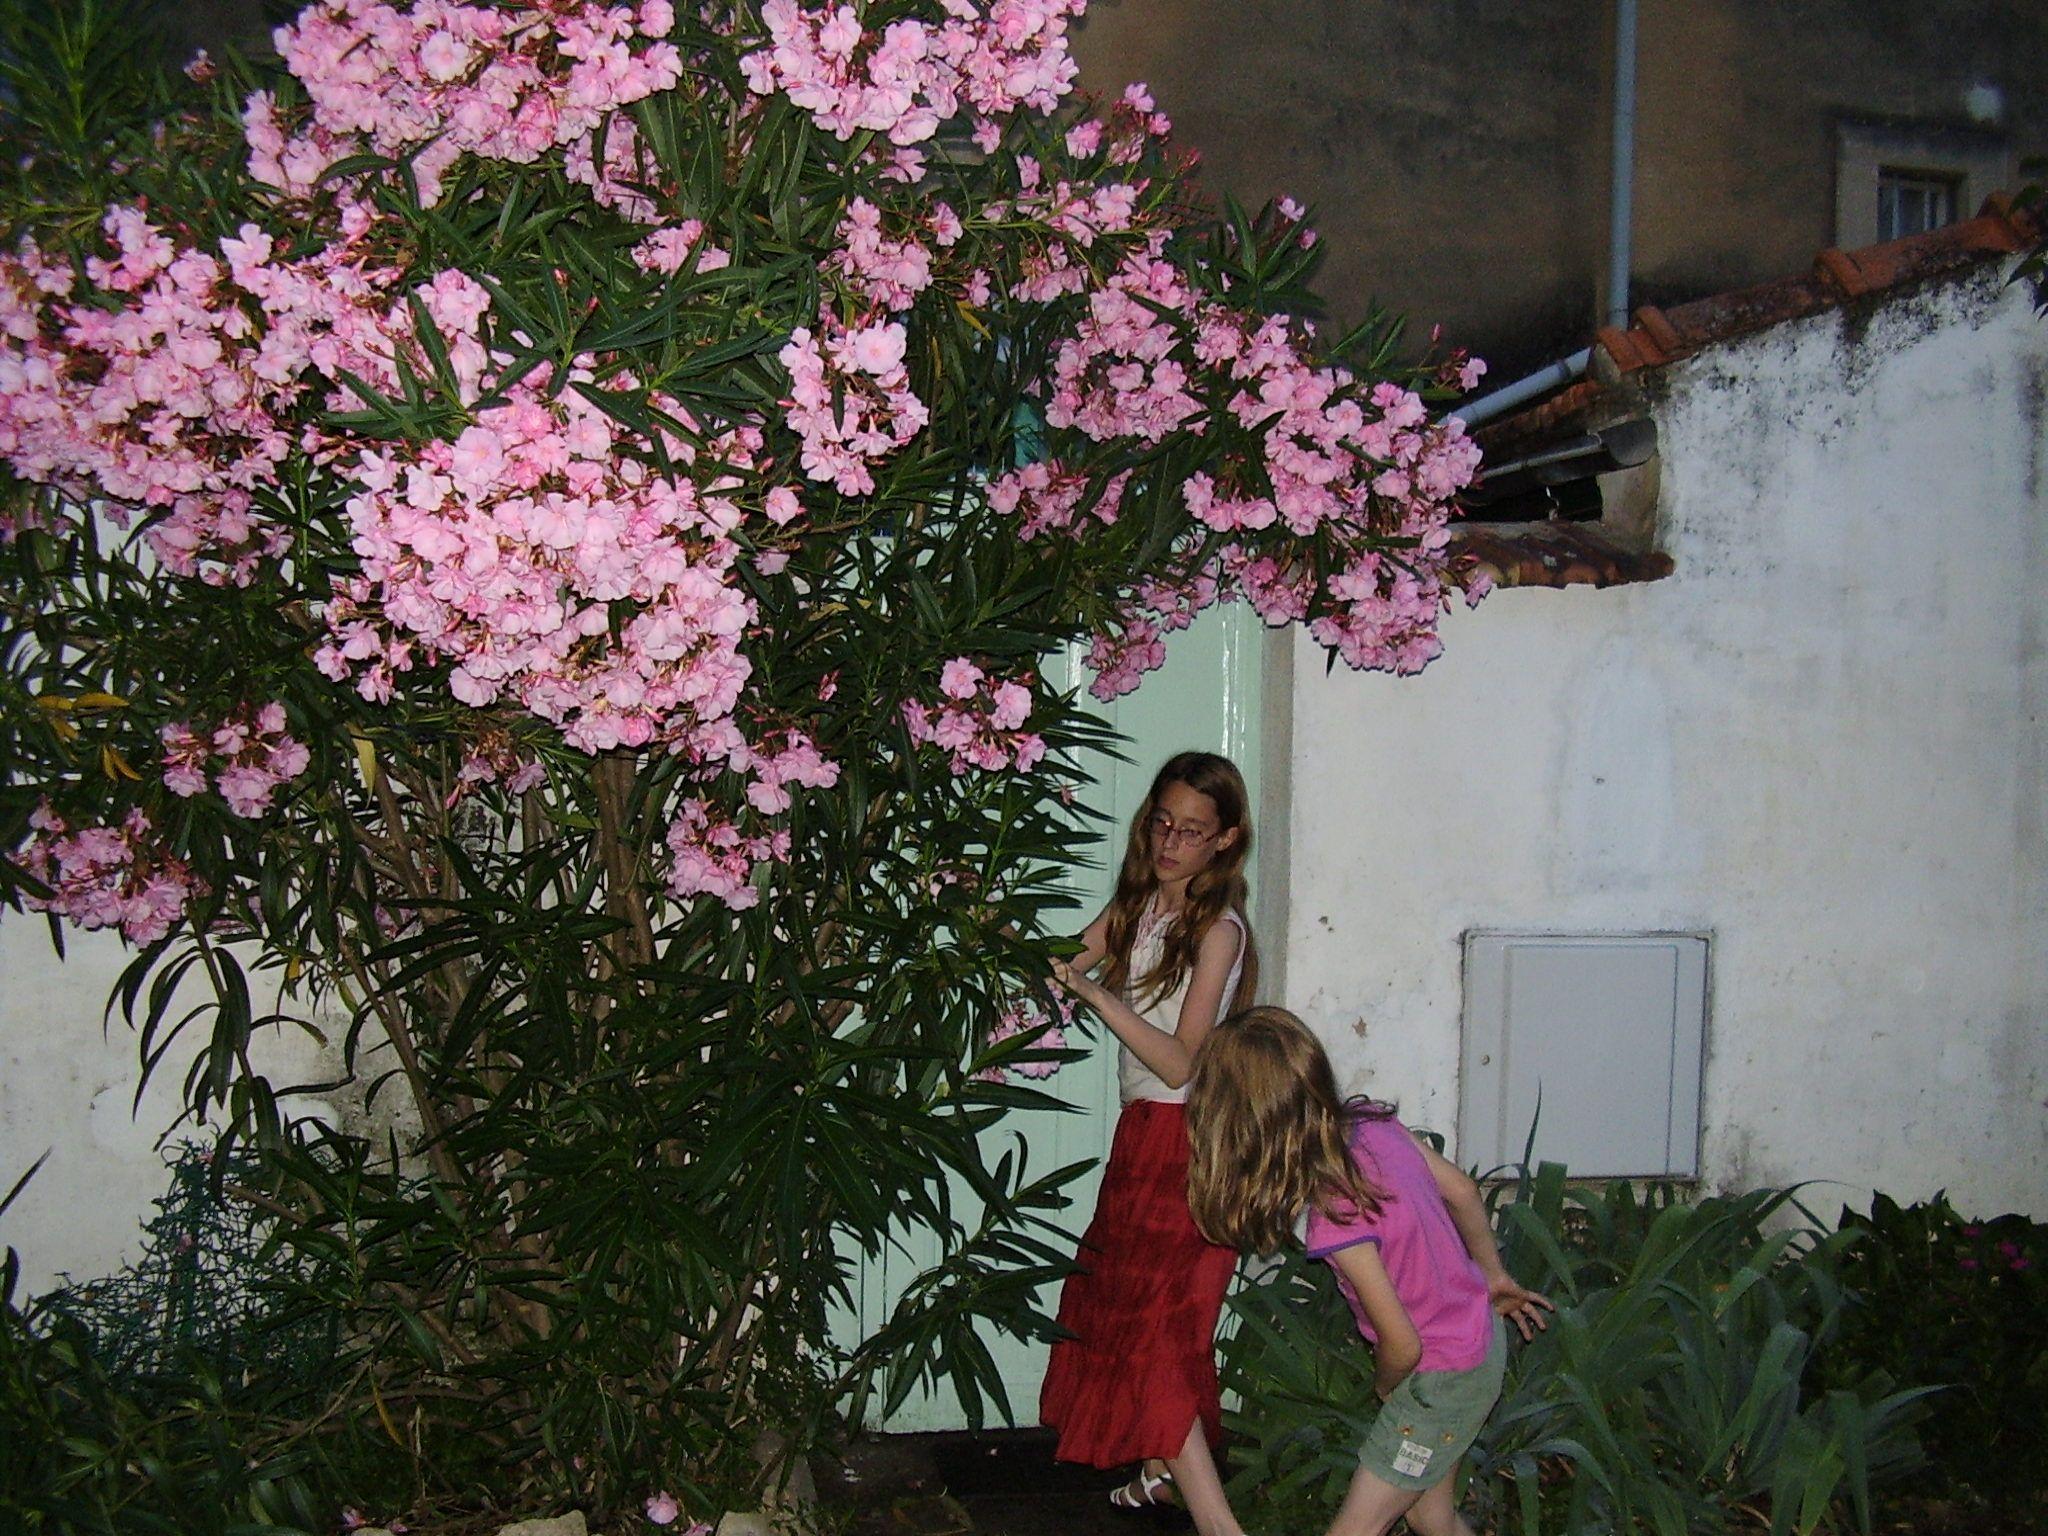 Laurier rose tr s parfum - Arrosage laurier rose en pot ...